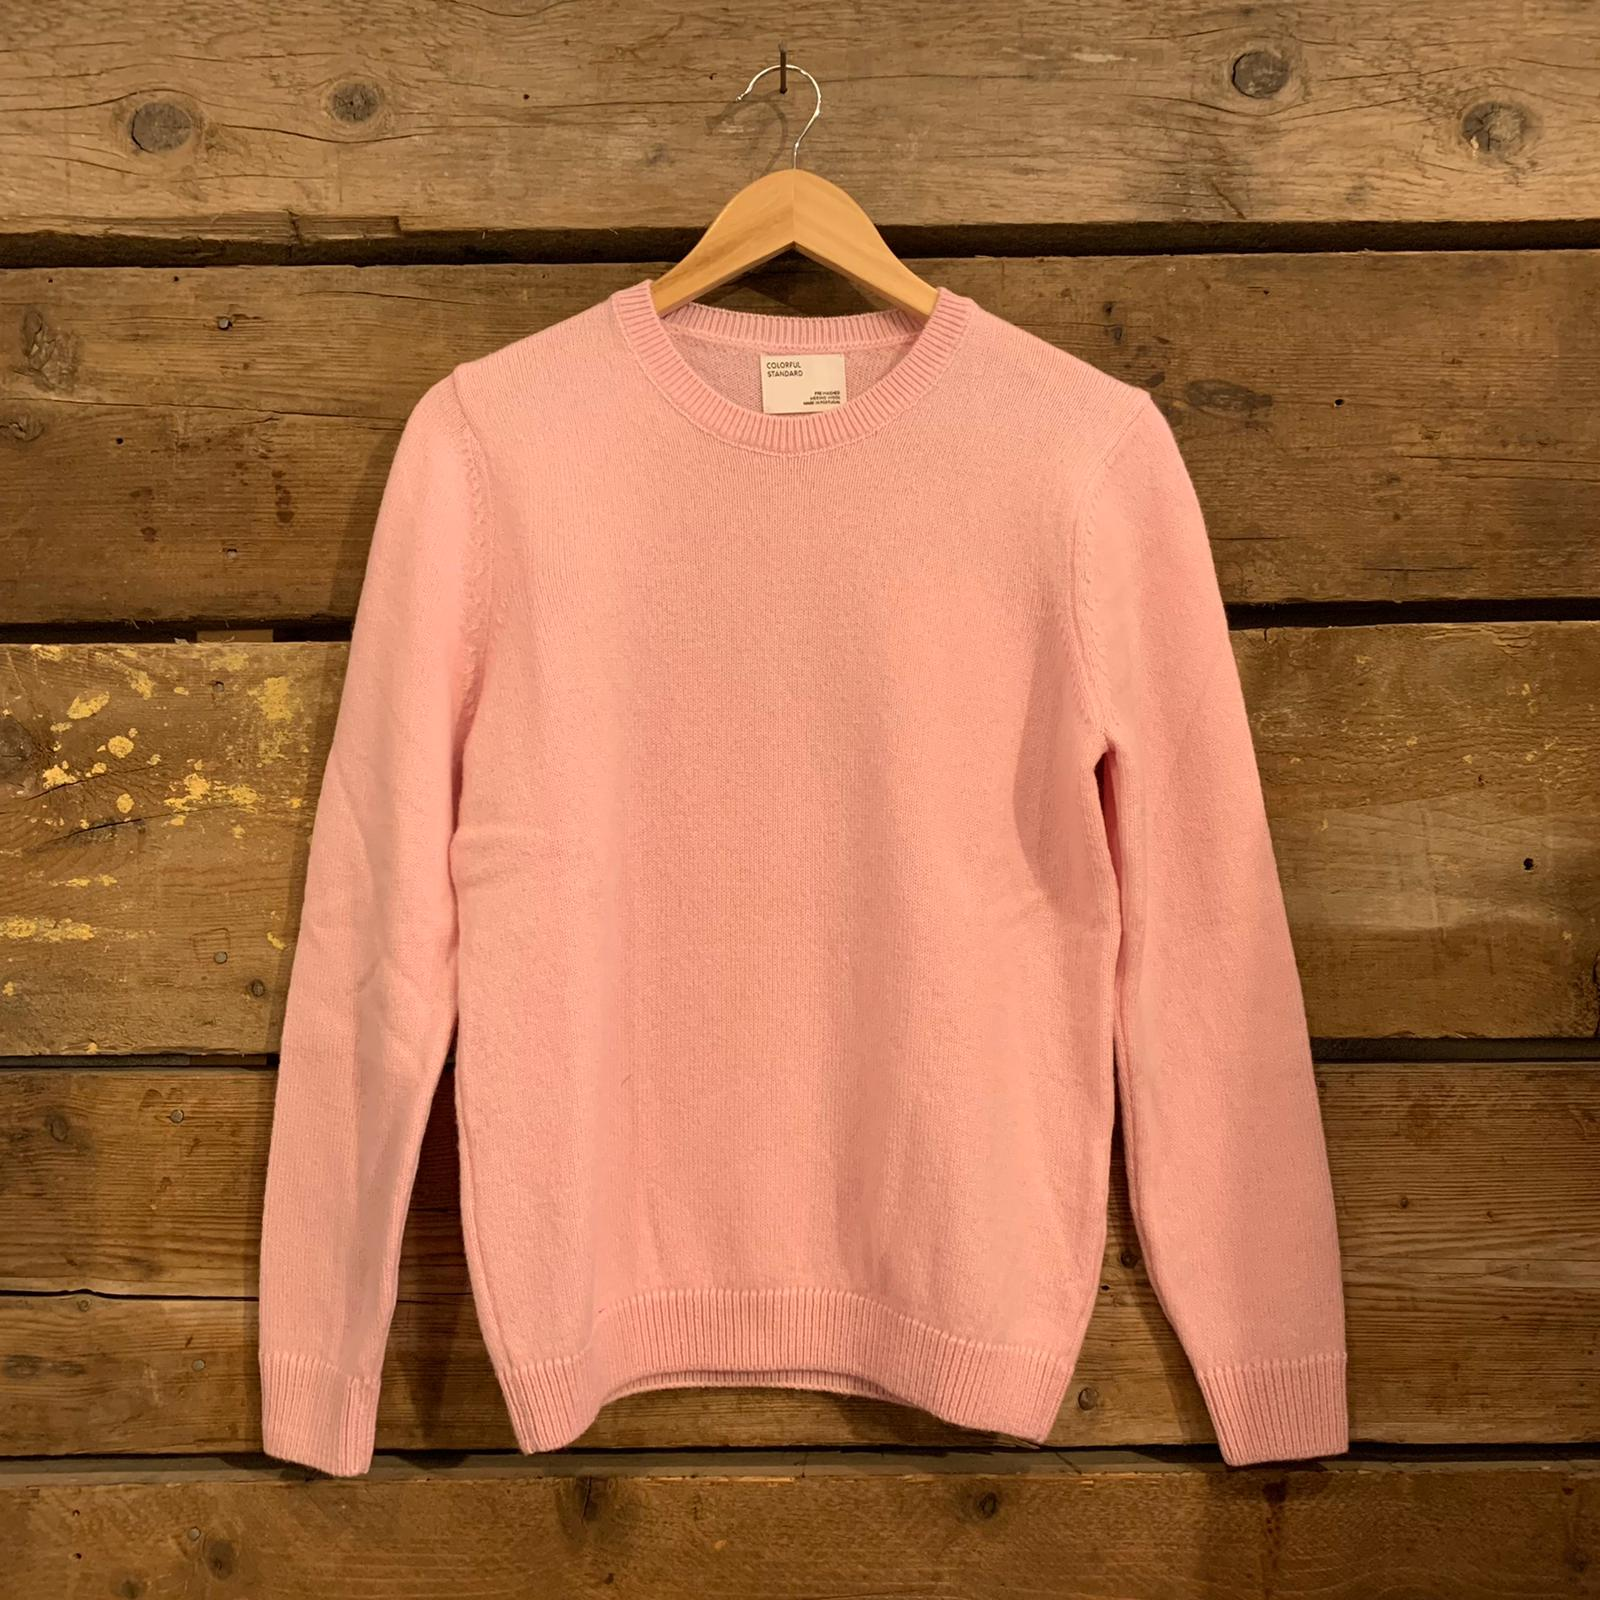 Maglione Colorful Standard Girocollo Classic Merino Wool Donna Rosa